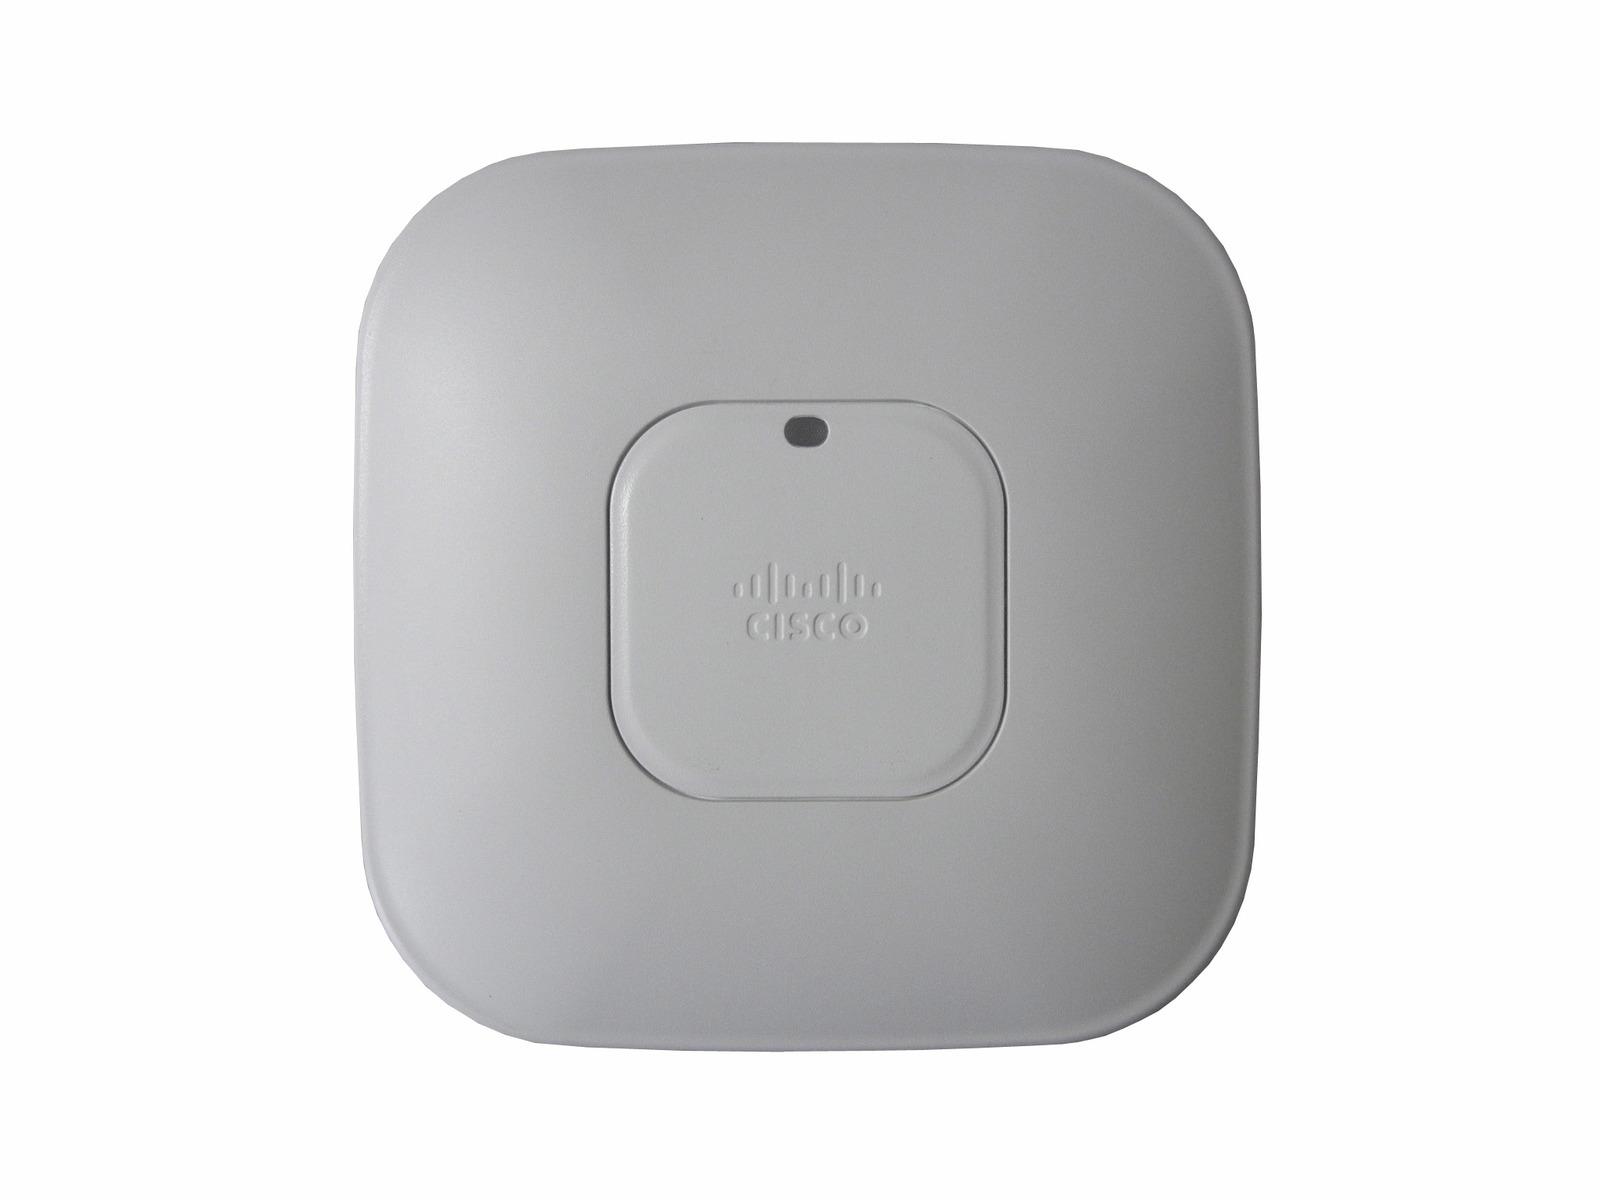 802.11a g n デュアルバンドコントローラベース AP 中央管理型アクセス ポイント Aironet いよいよ人気ブランド アクセス 中古品 AIR-CAP3602I-Q-K9 3600シリーズ Cisco 商店